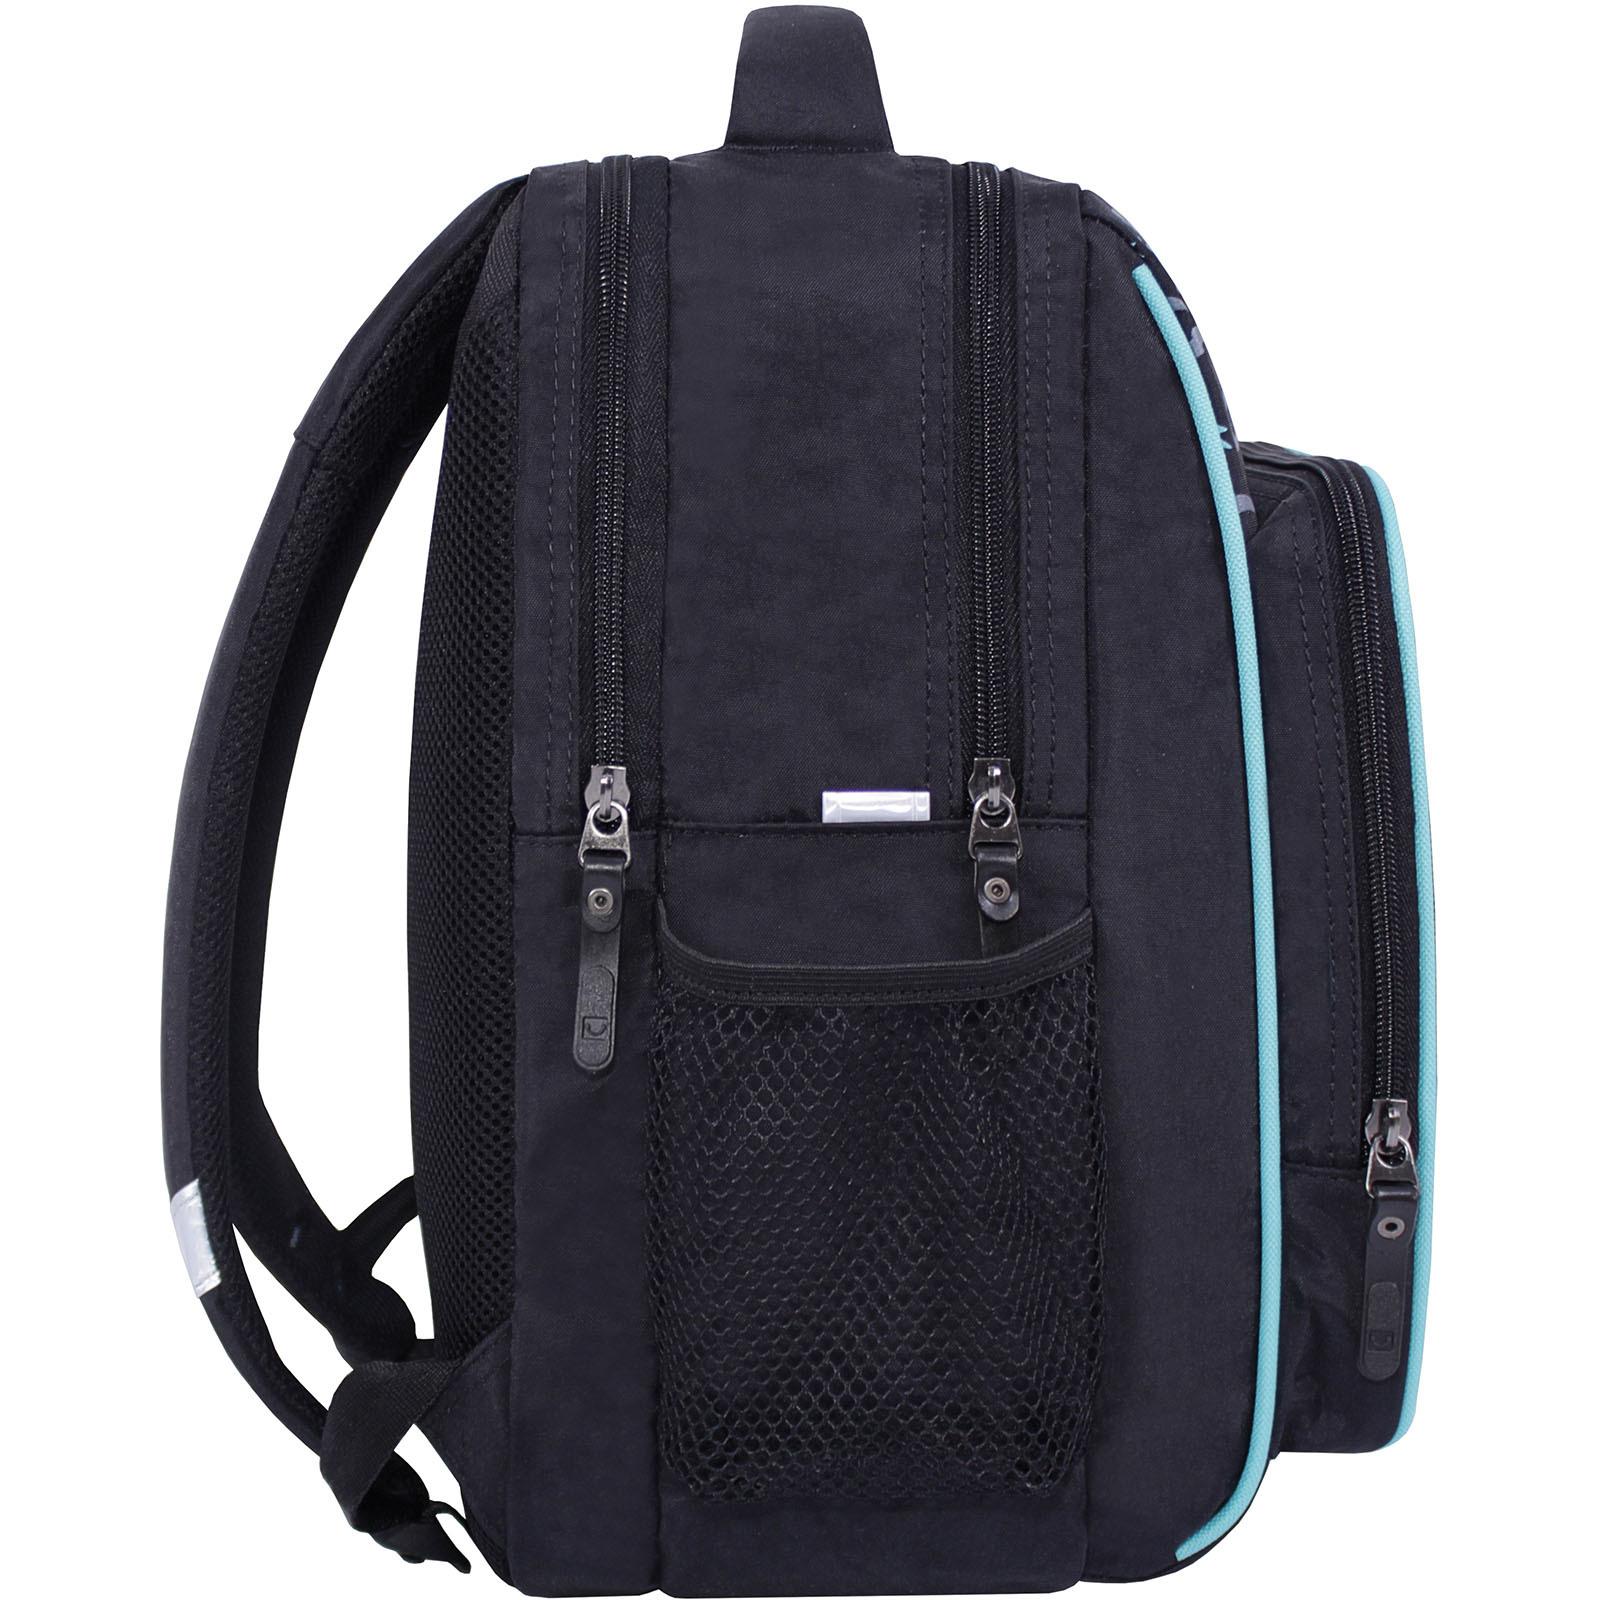 Рюкзак школьный Bagland Школьник 8 л. 321 черный 558 (00112702) фОТО 2